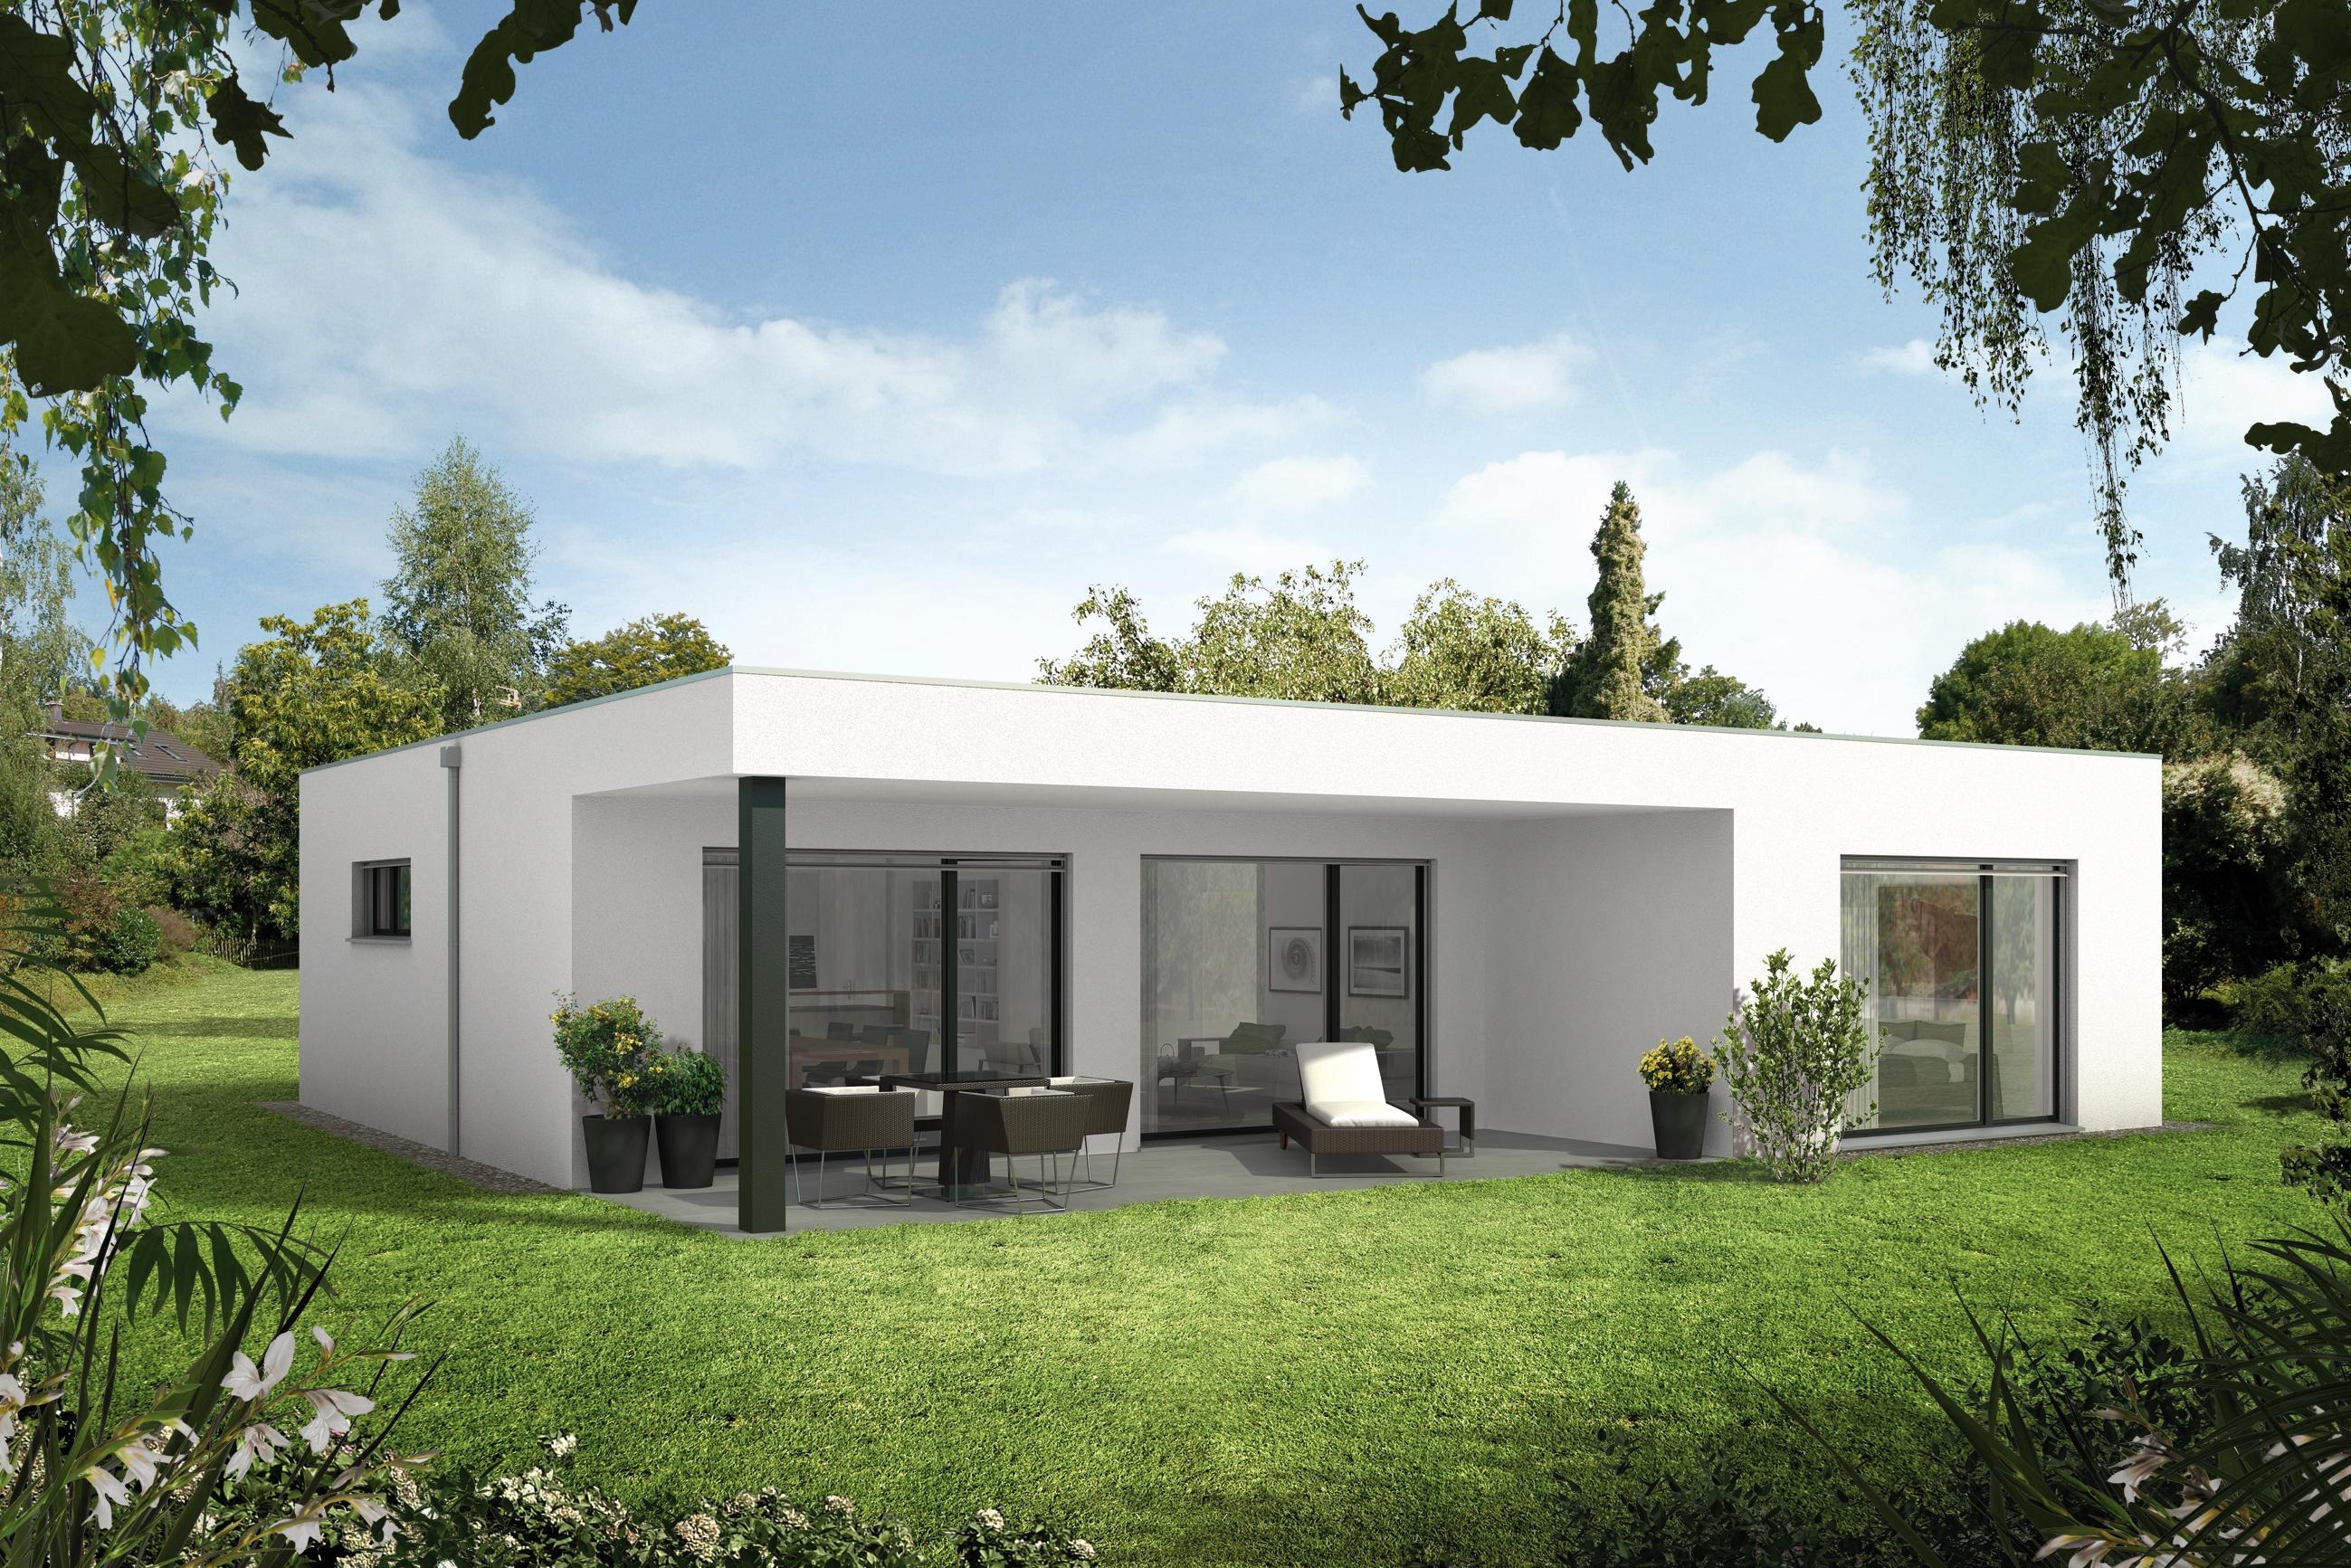 swsshaus ag mit drei neuen hausmodellen in den herbst gestartet bild medienmitteilung swisshaus. Black Bedroom Furniture Sets. Home Design Ideas